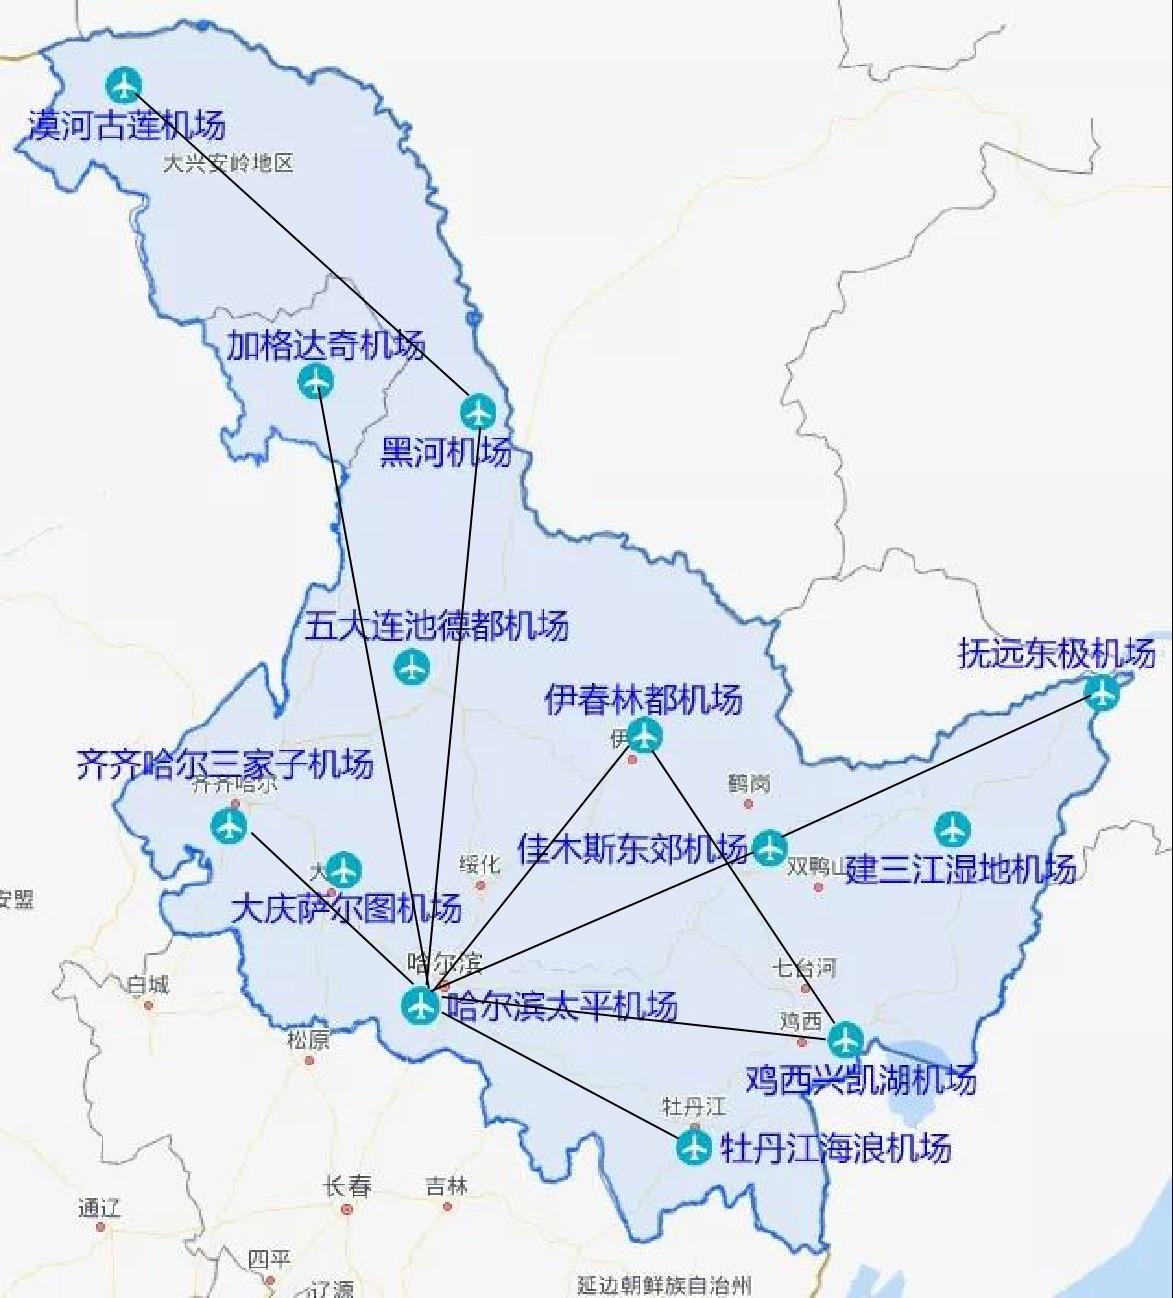 黑龙江支线航线网络